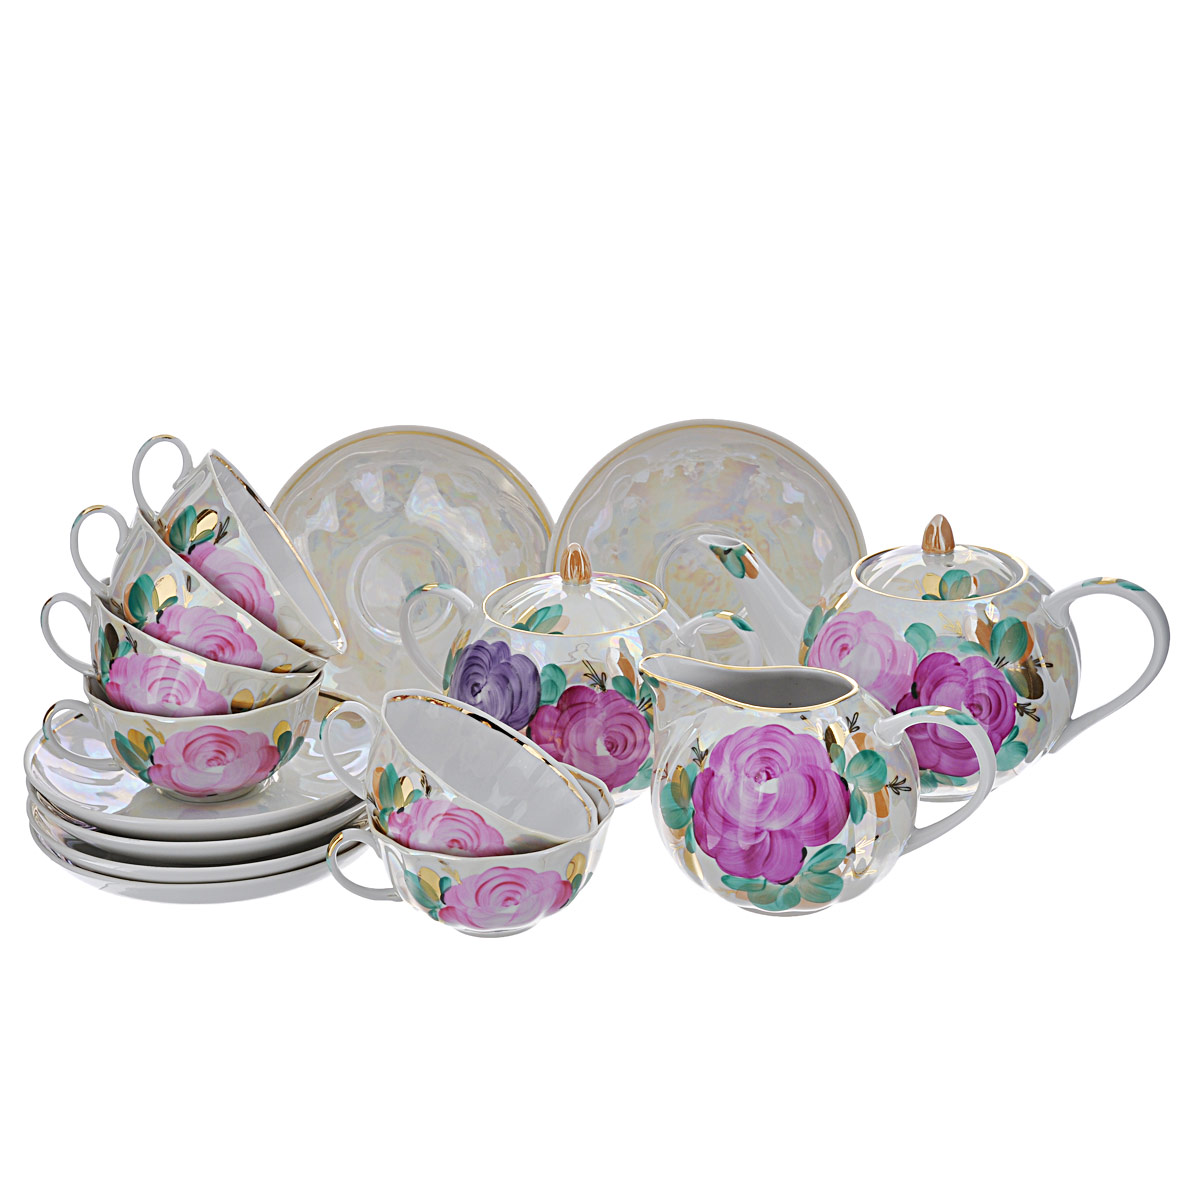 """Сервиз чайный """"Тюльпан свадебный"""" состоит из шести чашек, шести блюдец,  заварочного чайника, молочника и сахарницы, изготовленных из фарфора. Предметы  набора оформлены красочным изображением цветов. Изящный дизайн придется по вкусу и ценителям классики, и тем, кто предпочитает  утонченность и изысканность. Он настроит на позитивный лад и подарит хорошее  настроение с самого утра. Сервиз чайный - идеальный и необходимый подарок  для вашего дома и для ваших друзей в праздники, юбилеи и торжества! Он также  станет отличным корпоративным подарком и украшением любой кухни.  Количество чашек: 6 шт.  Диаметр чашек по верхнему краю: 9,5 см. Высота чашек: 5 см. Количество блюдец: 6 шт. Диаметр блюдец: 15 см. Высота блюдец: 2,5 см. Высота сахарницы (с учетом крышки): 12 см. Диаметр сахарницы по верхнему краю: 8 см.  Высота чайника (с учетом крышки): 12 см. Диаметр чайника по верхнему краю: 7 см.  Высота молочника: 9 см.  Размер молочника по верхнему краю (с учетом носика): 9 см х 5 см."""